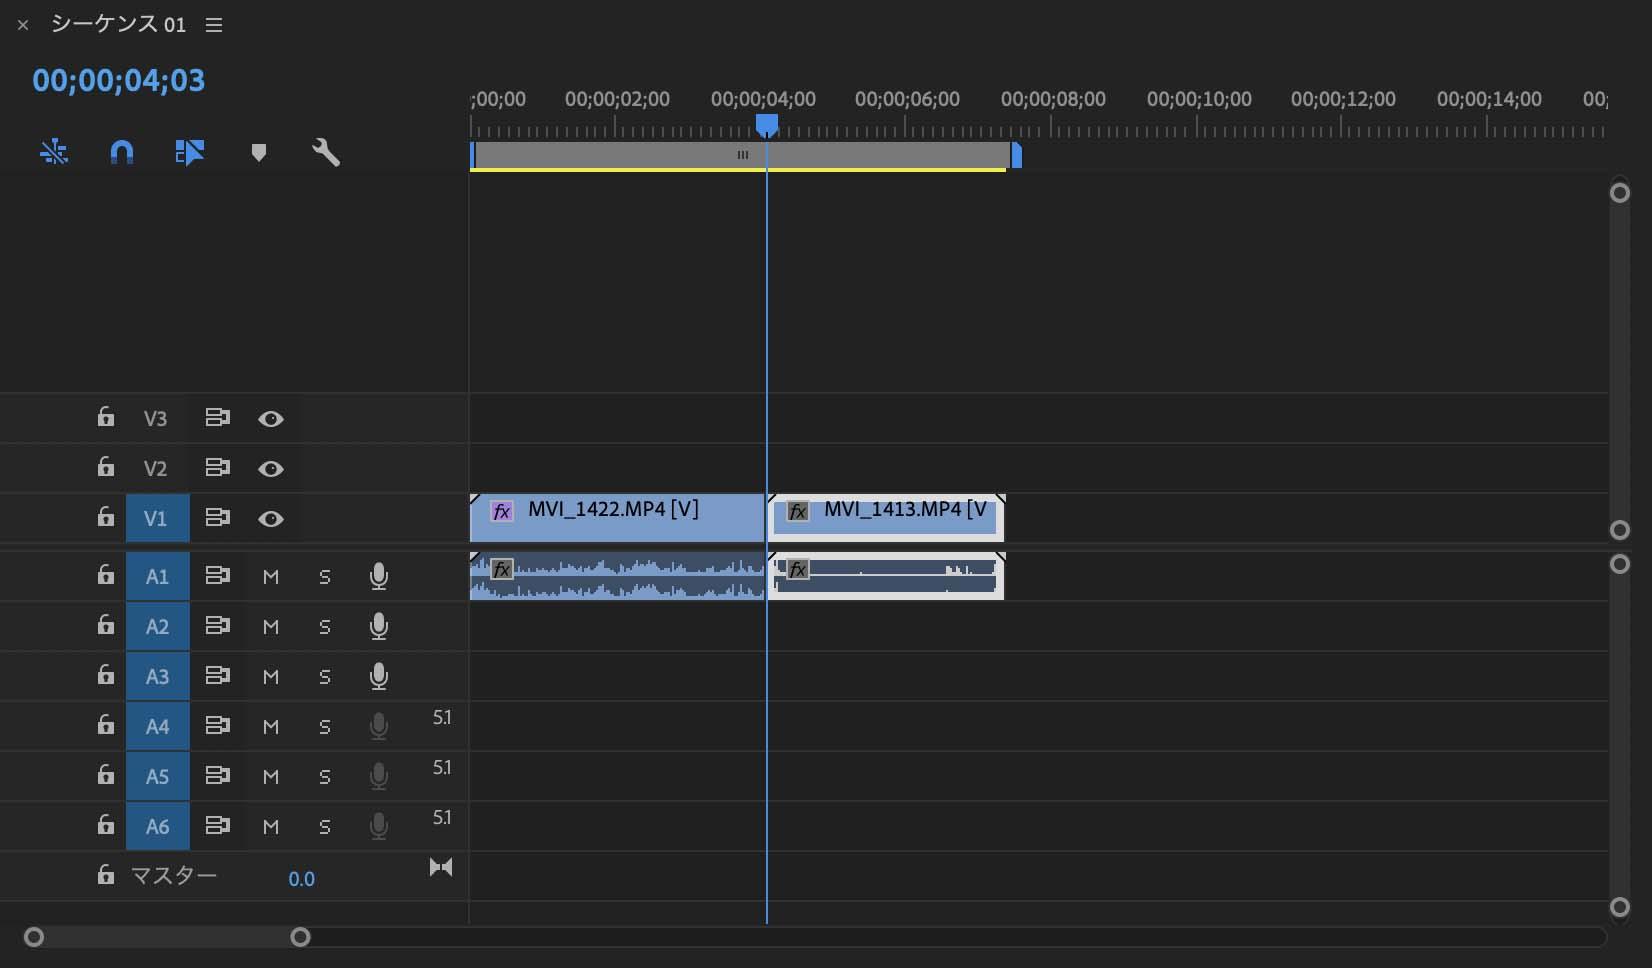 4.後ろの動画クリップを選択・ドラッグしてカットした動画のすぐ後ろにつなげる